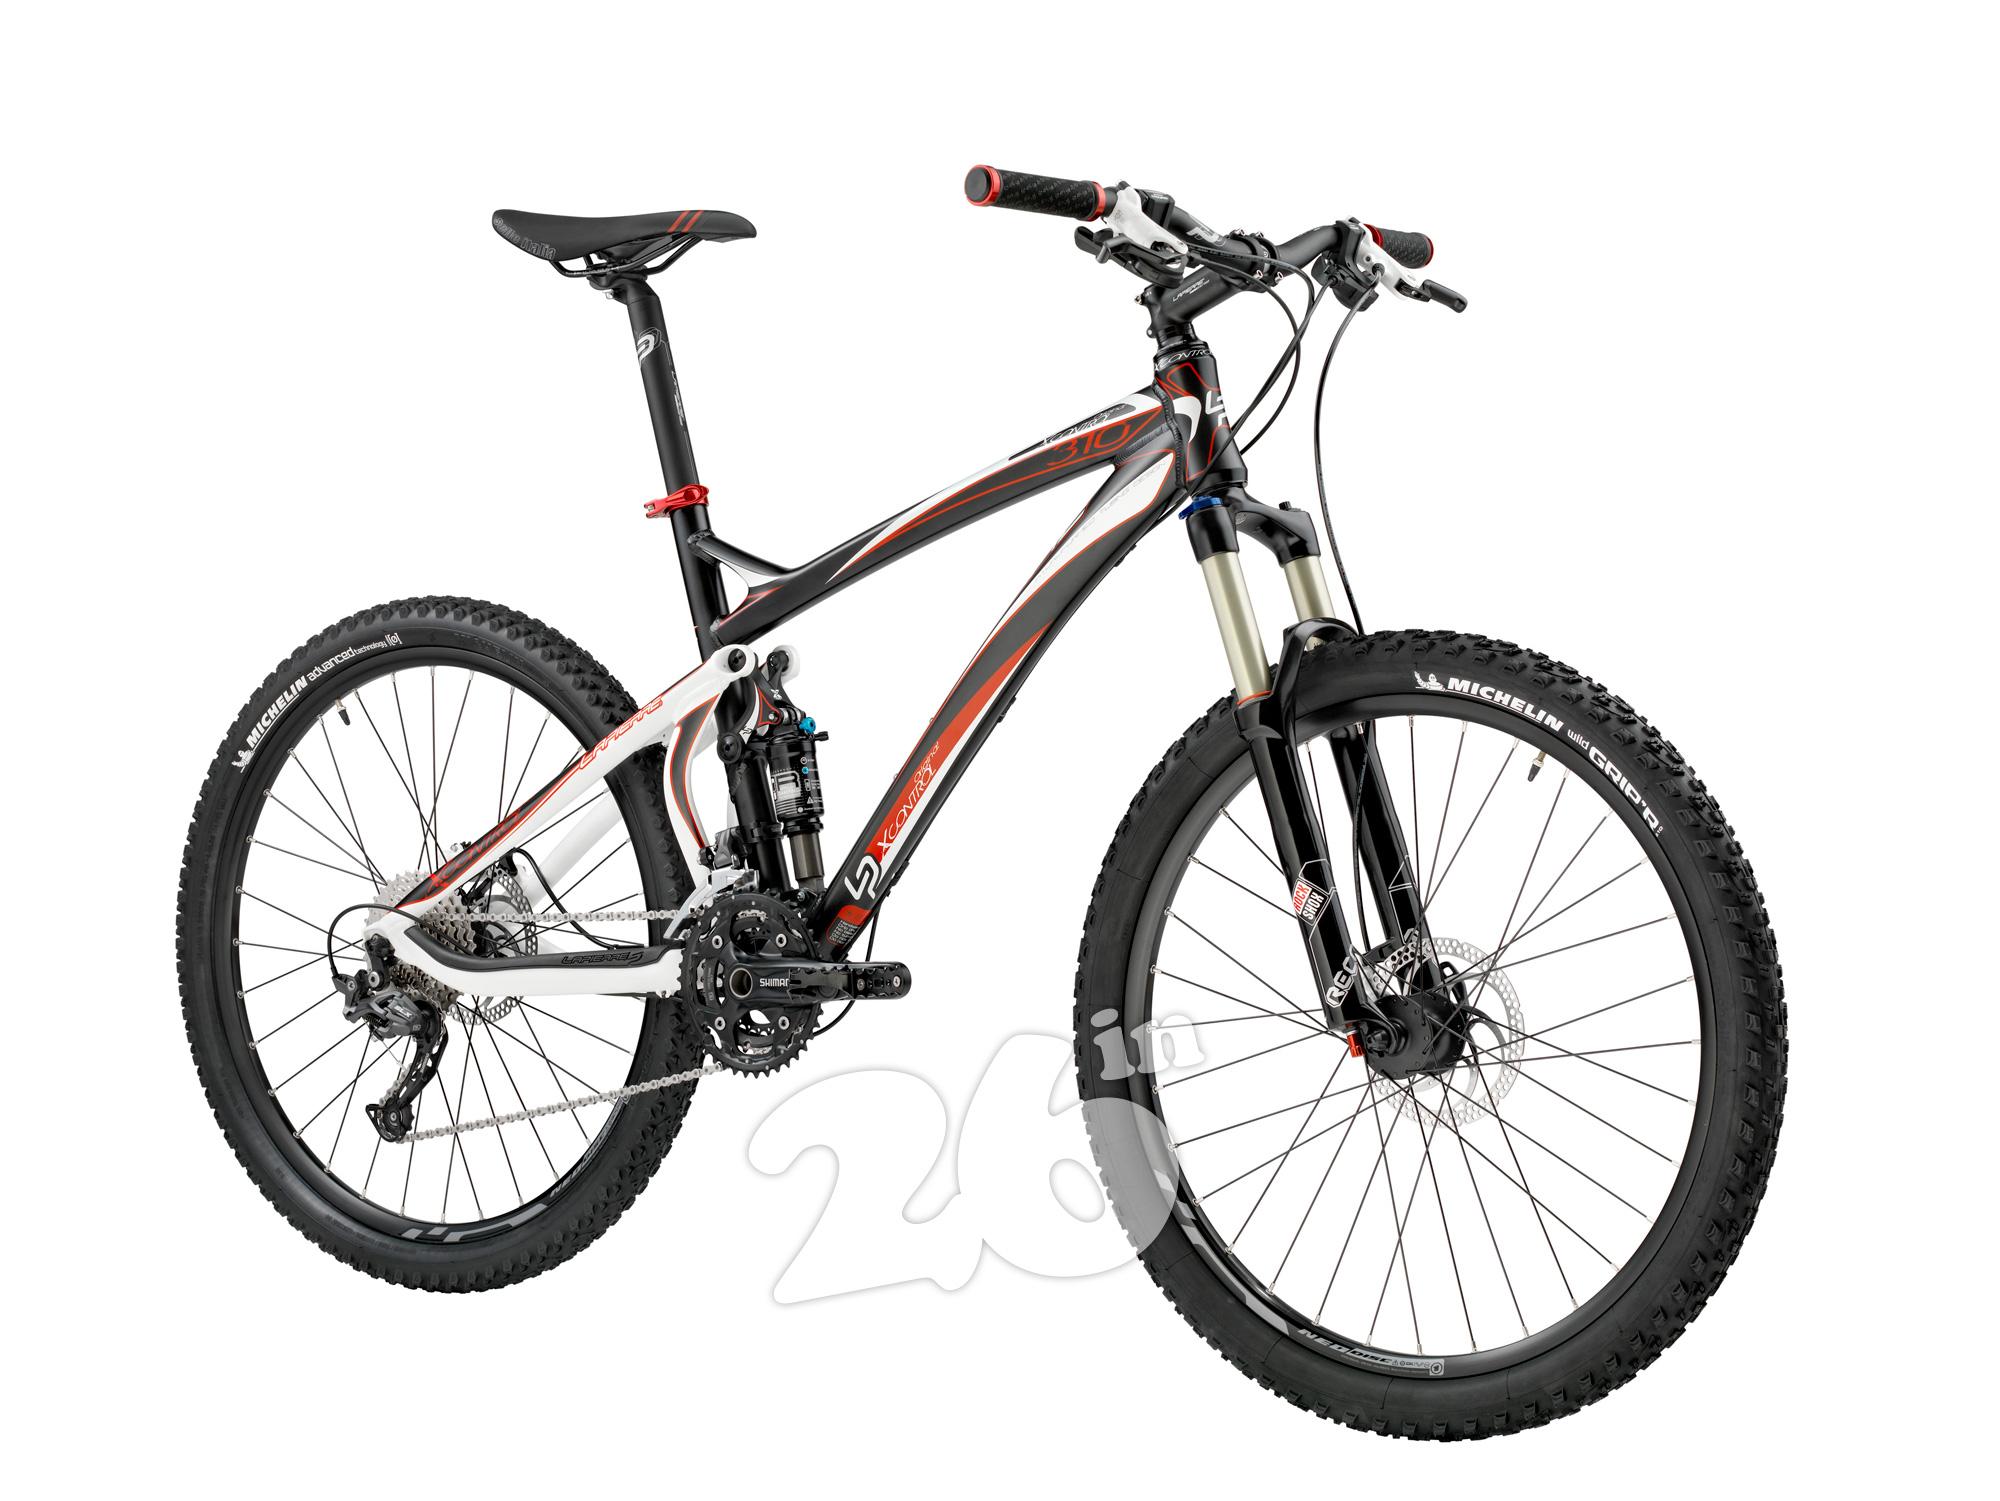 Test VTT Trek Fuel EX 7 29 2019 : vélo Trail Bike